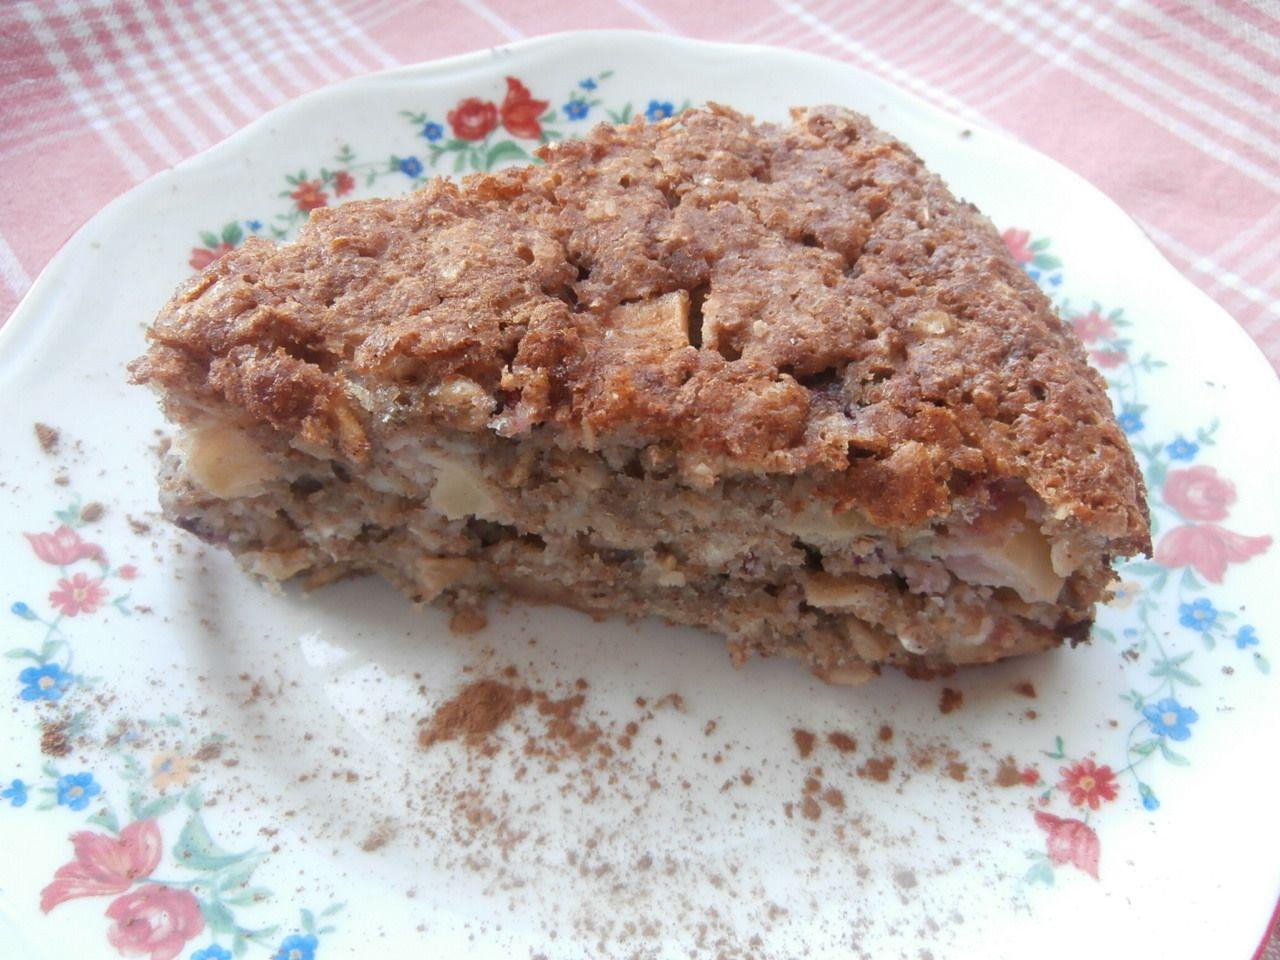 диетический торт с овсянкой рецепт